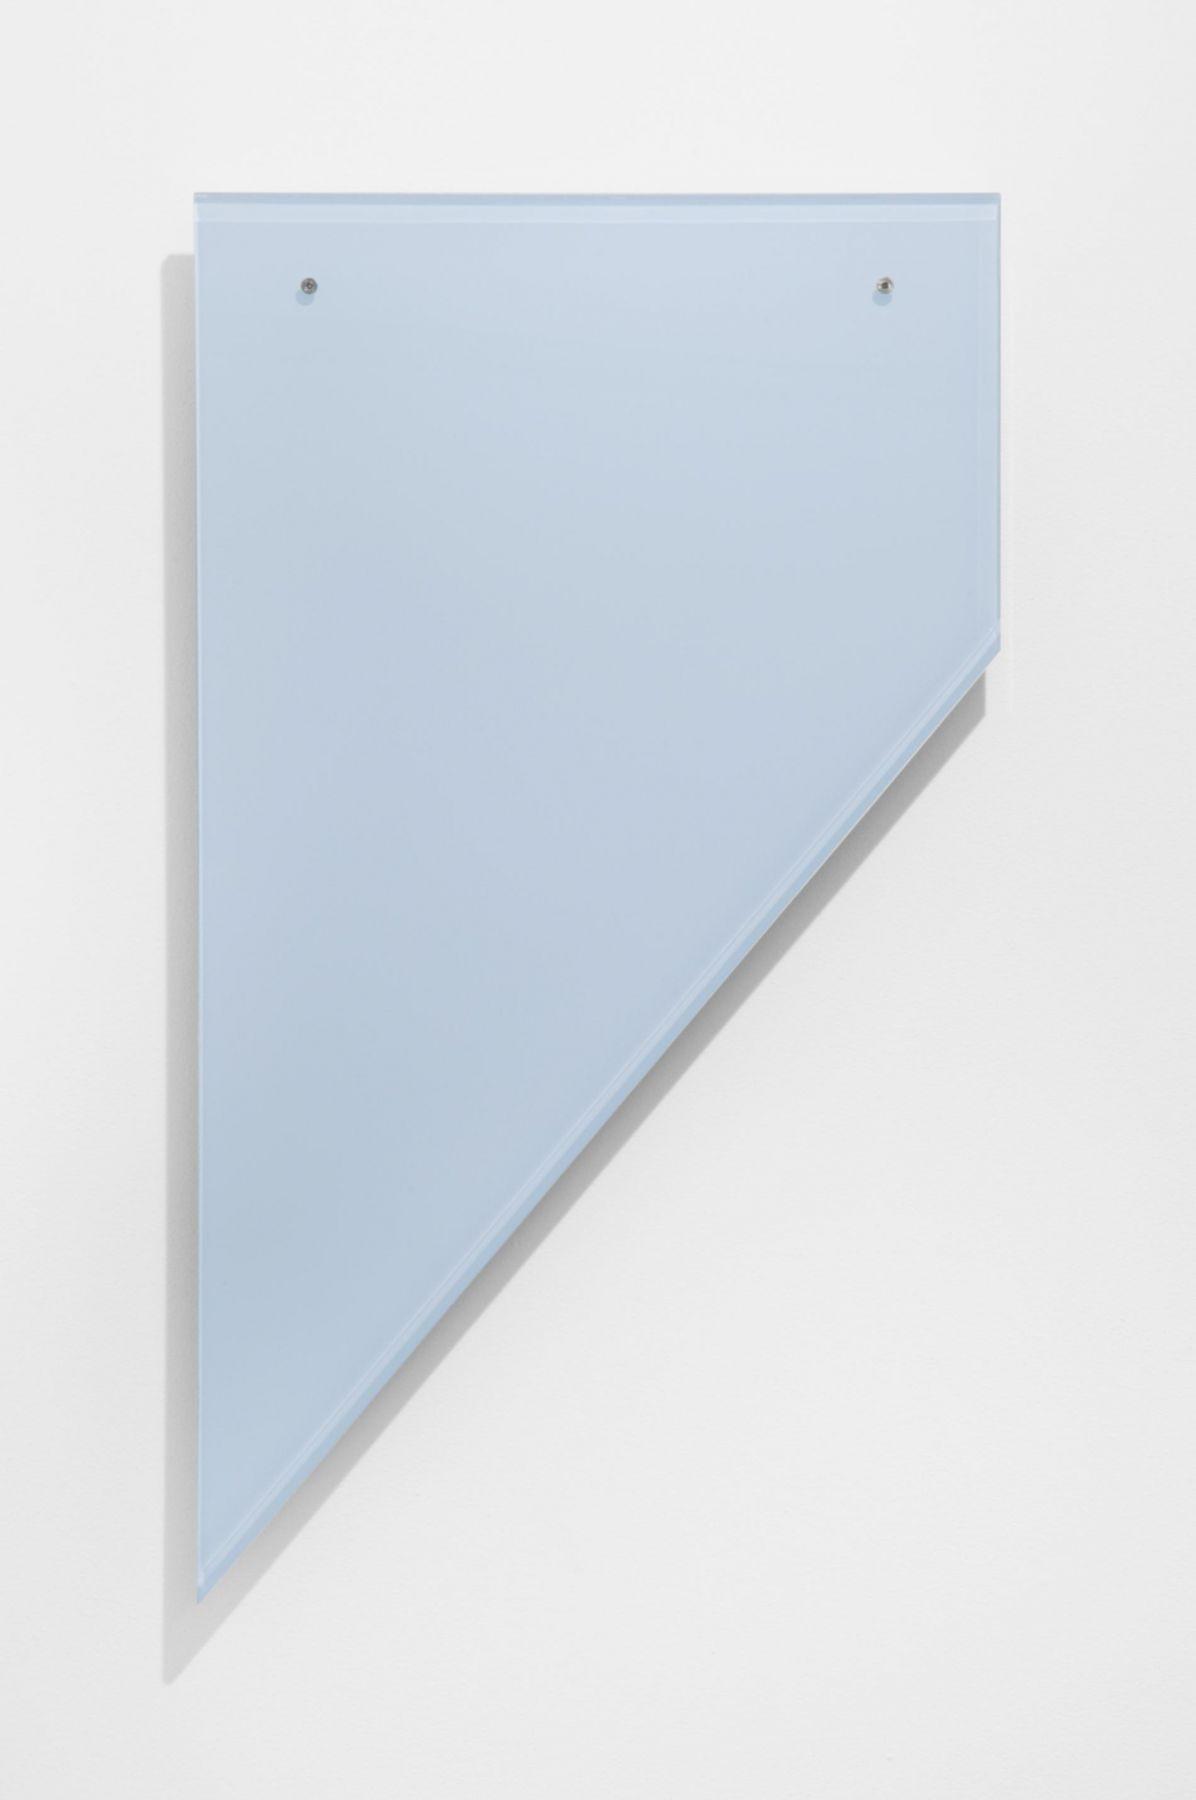 , HEATHER ROWE Untitled (Luminous Cloud), 2014 Plexiglass, paint 21 x 37 x 3/4 in. (53.3 x 94 x 1.9 cm)